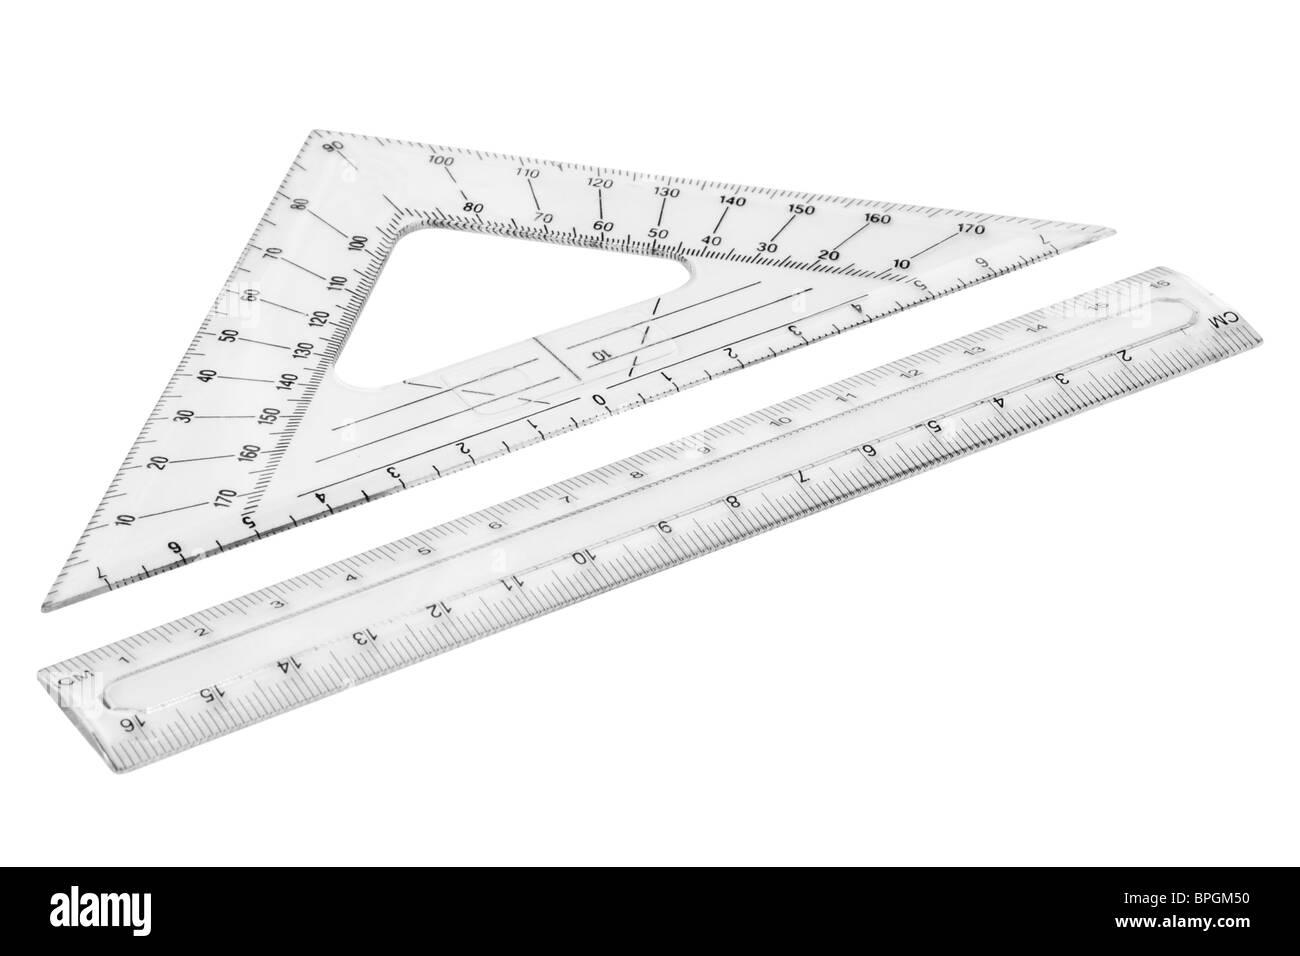 Conjunto de reglas de plástico transparente. Aislado sobre fondo blanco con trazado de recorte. Imagen De Stock